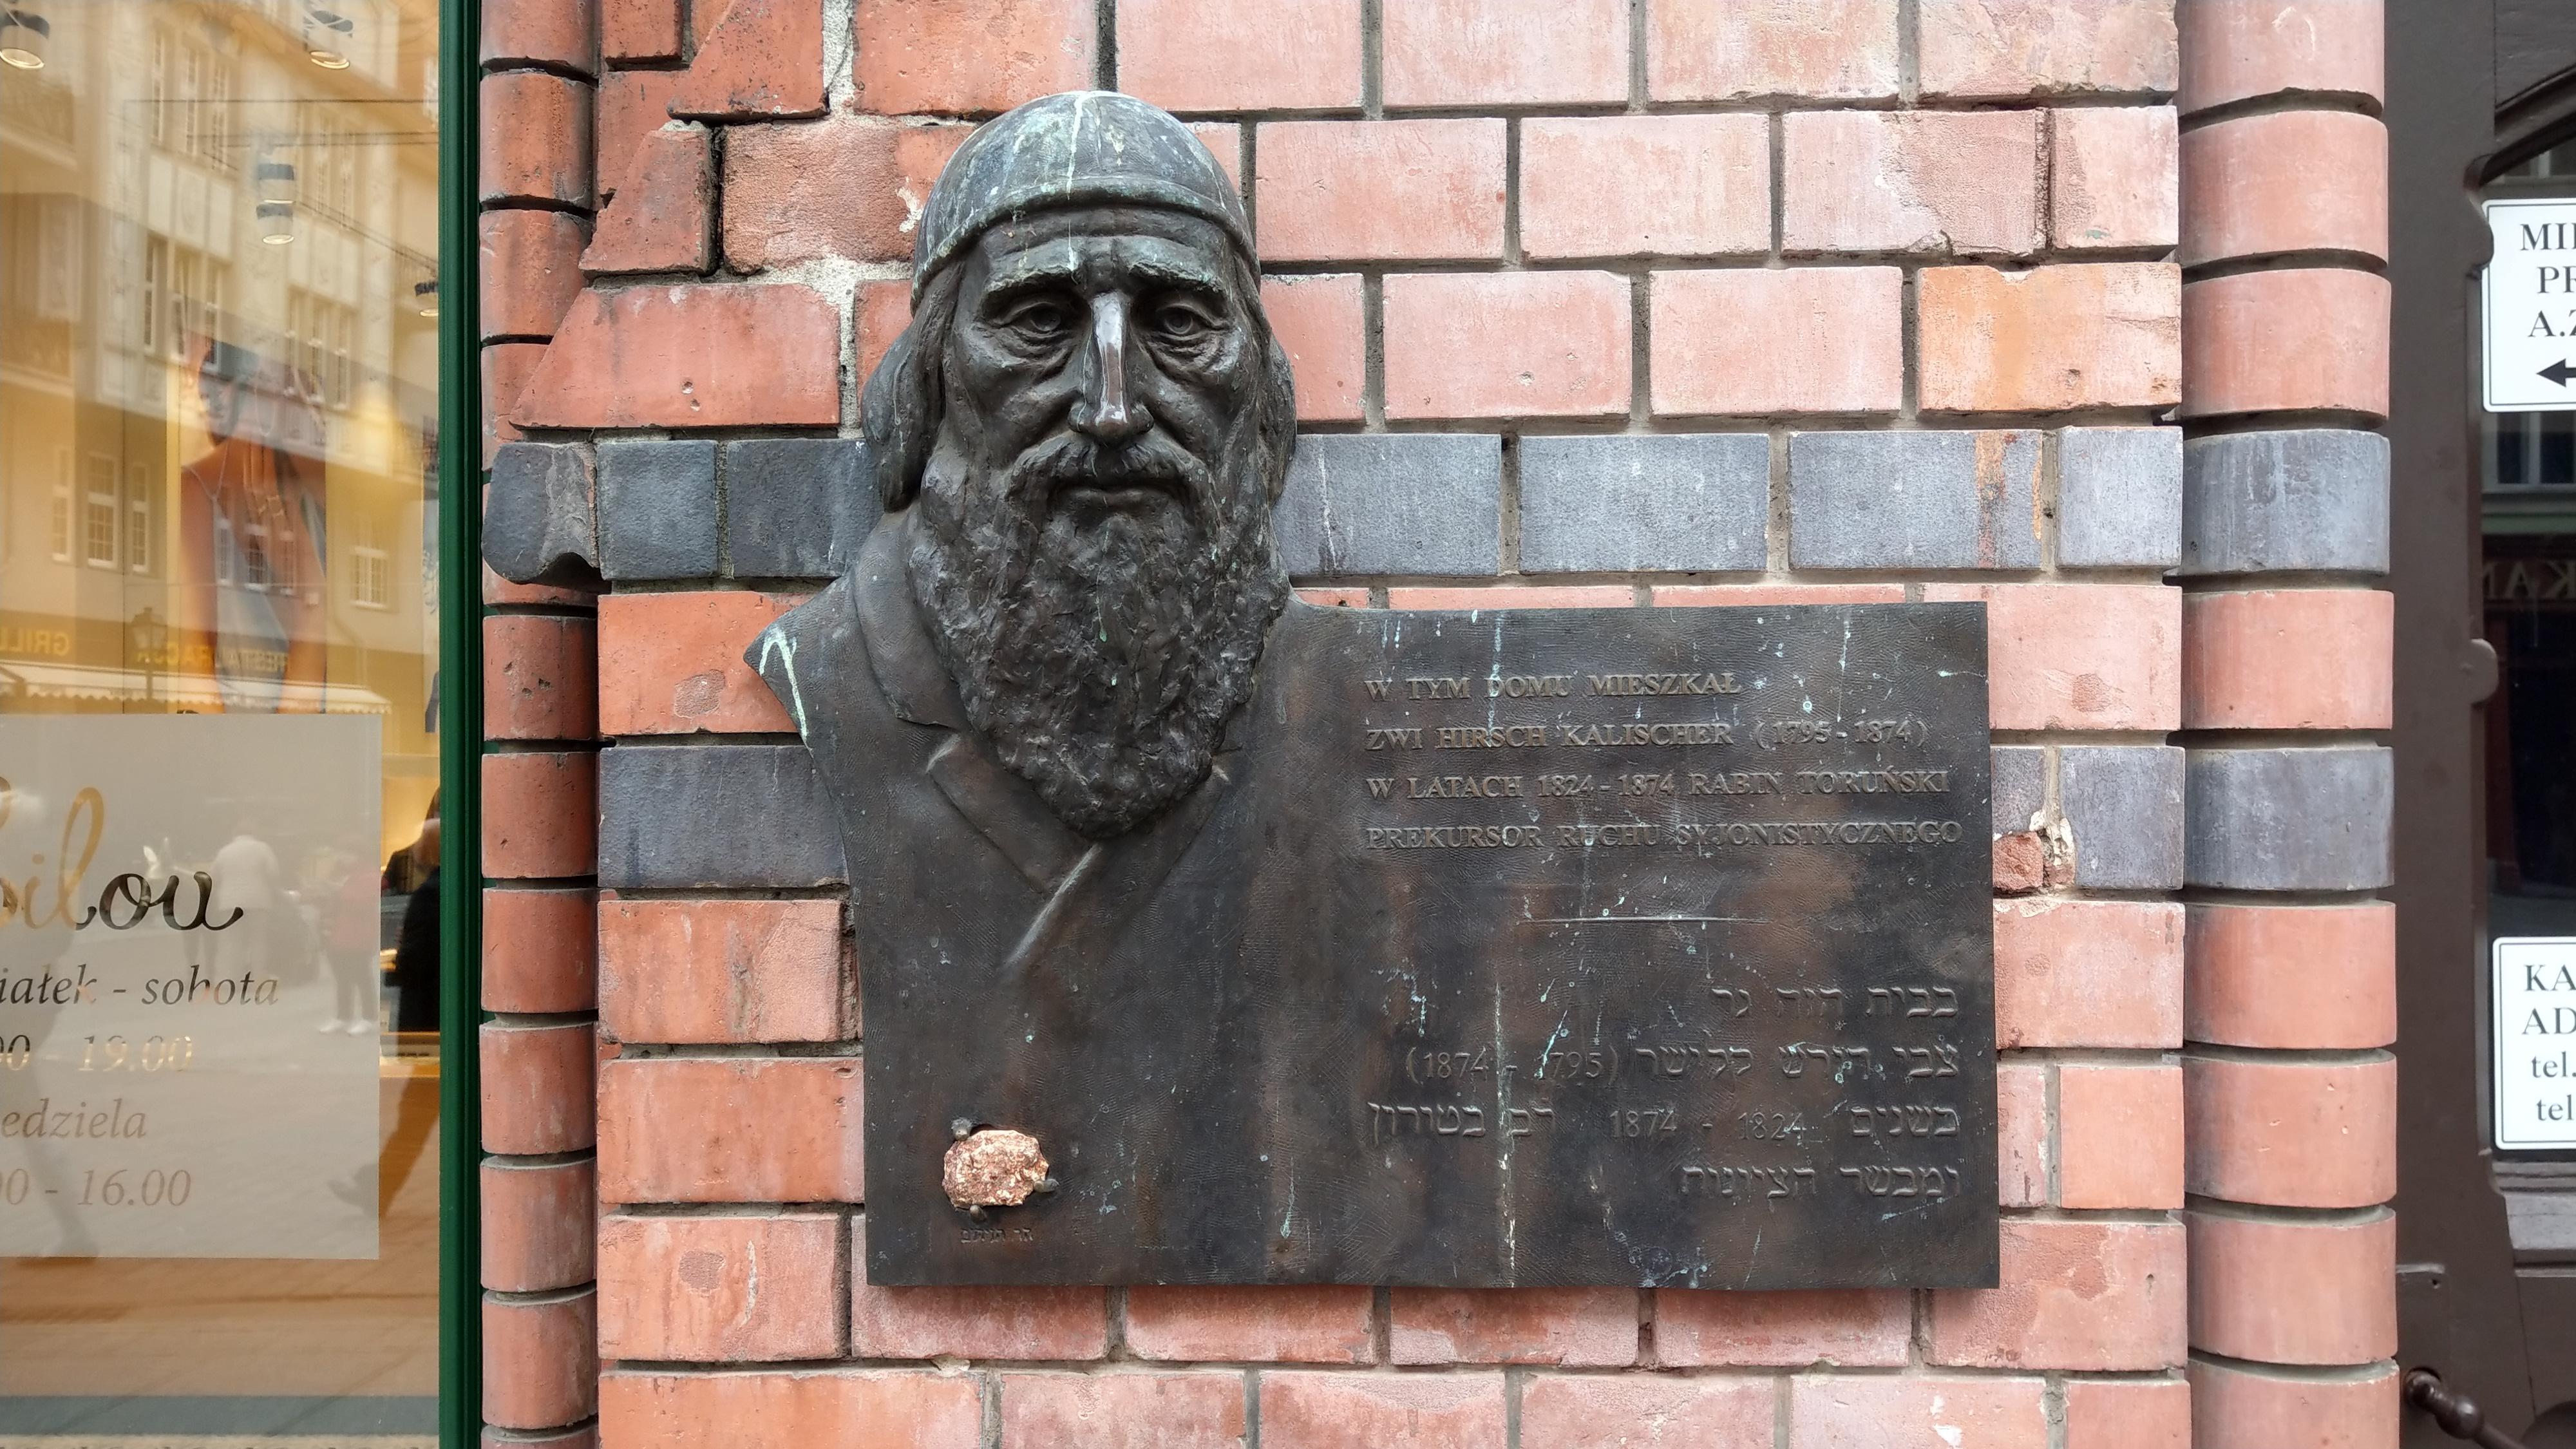 צבי קלישר, חוזה הציונות, תושב העיר